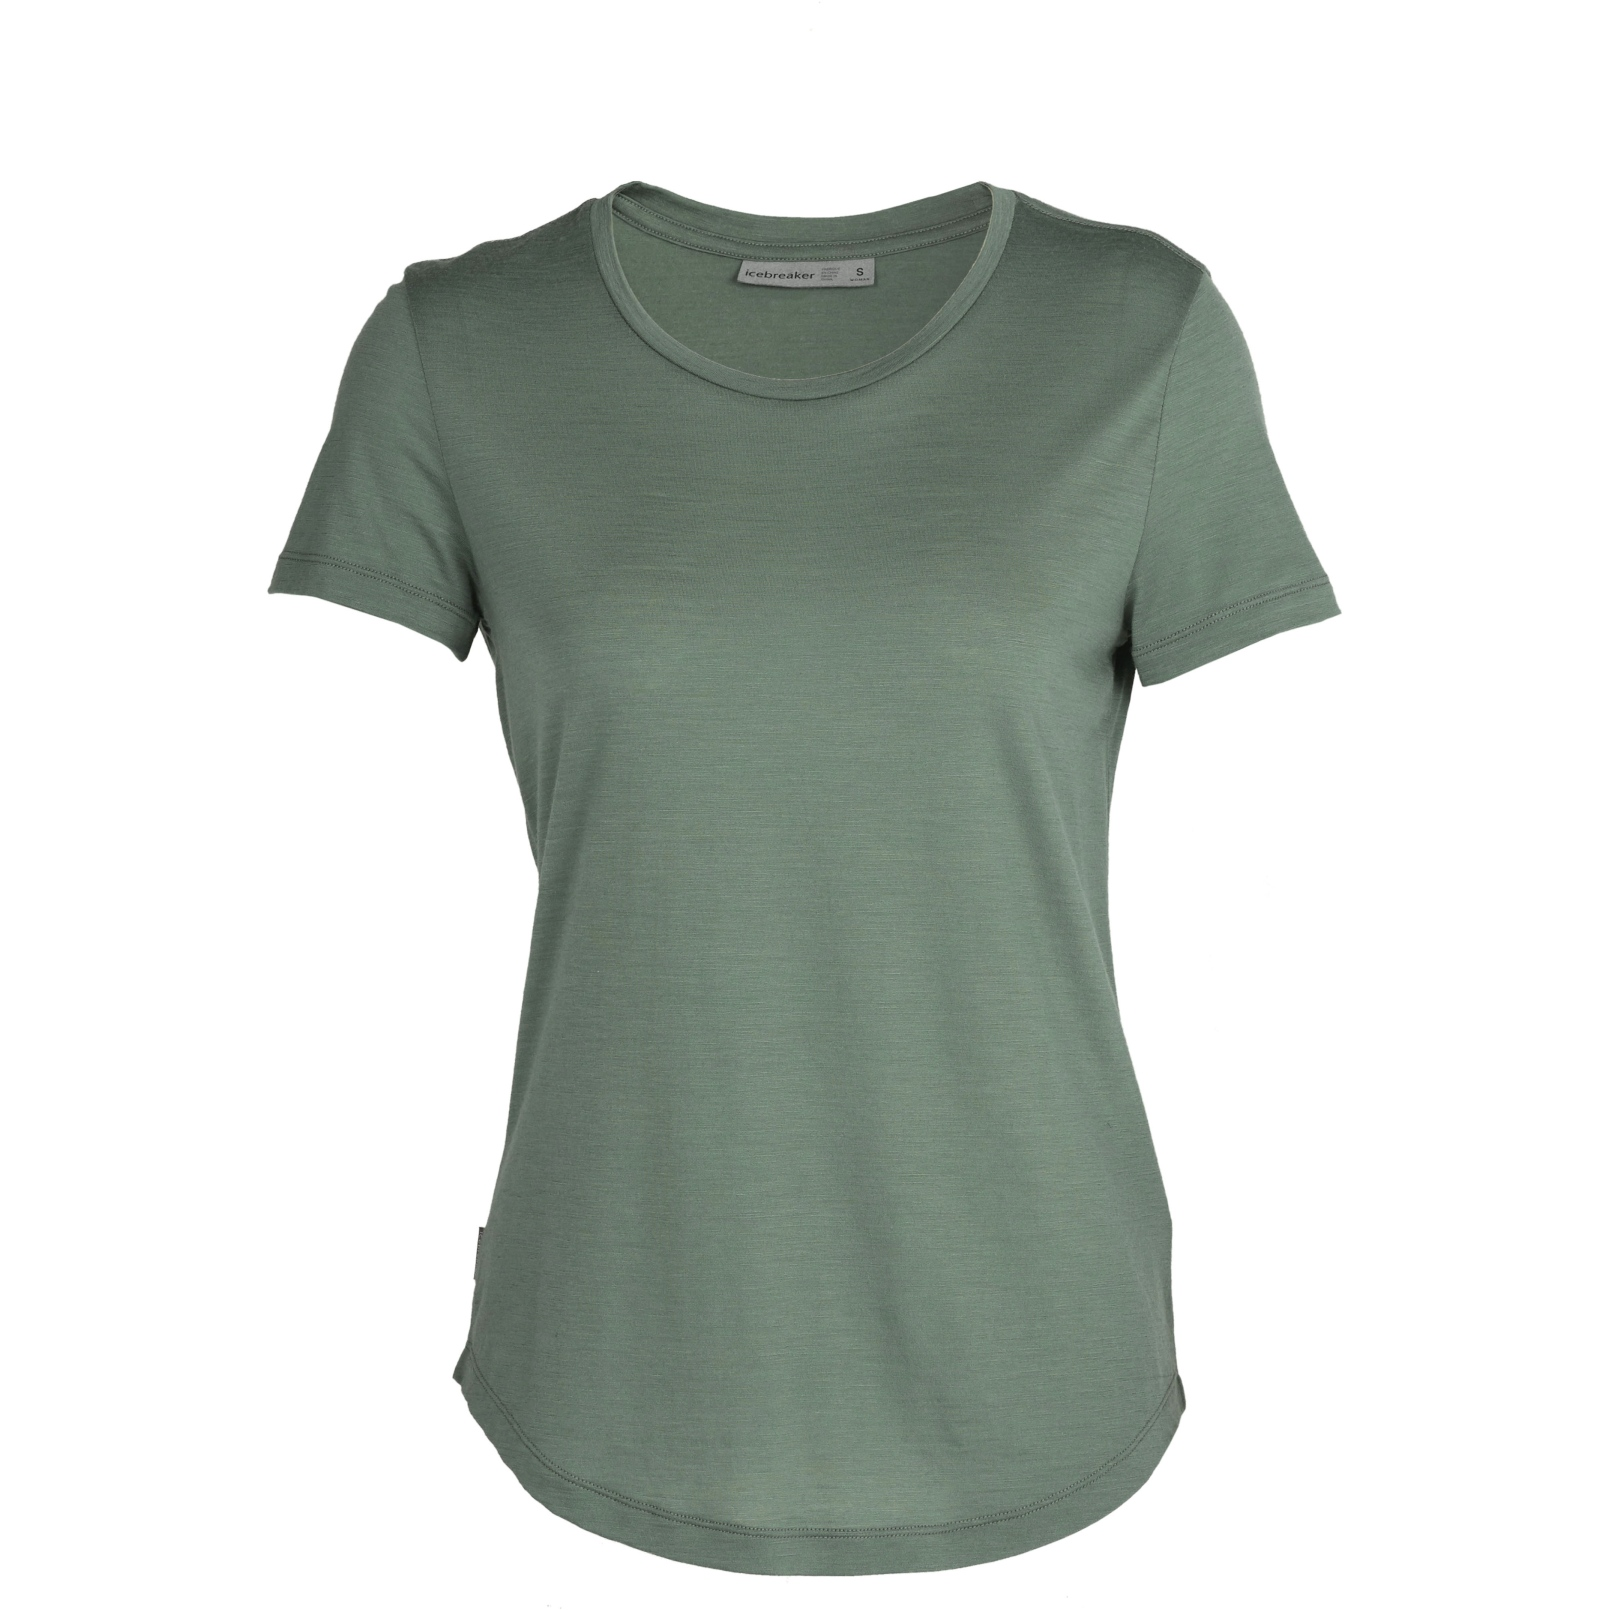 Produktbild von Icebreaker Sphere Low Crewe Damen T-Shirt - Sage